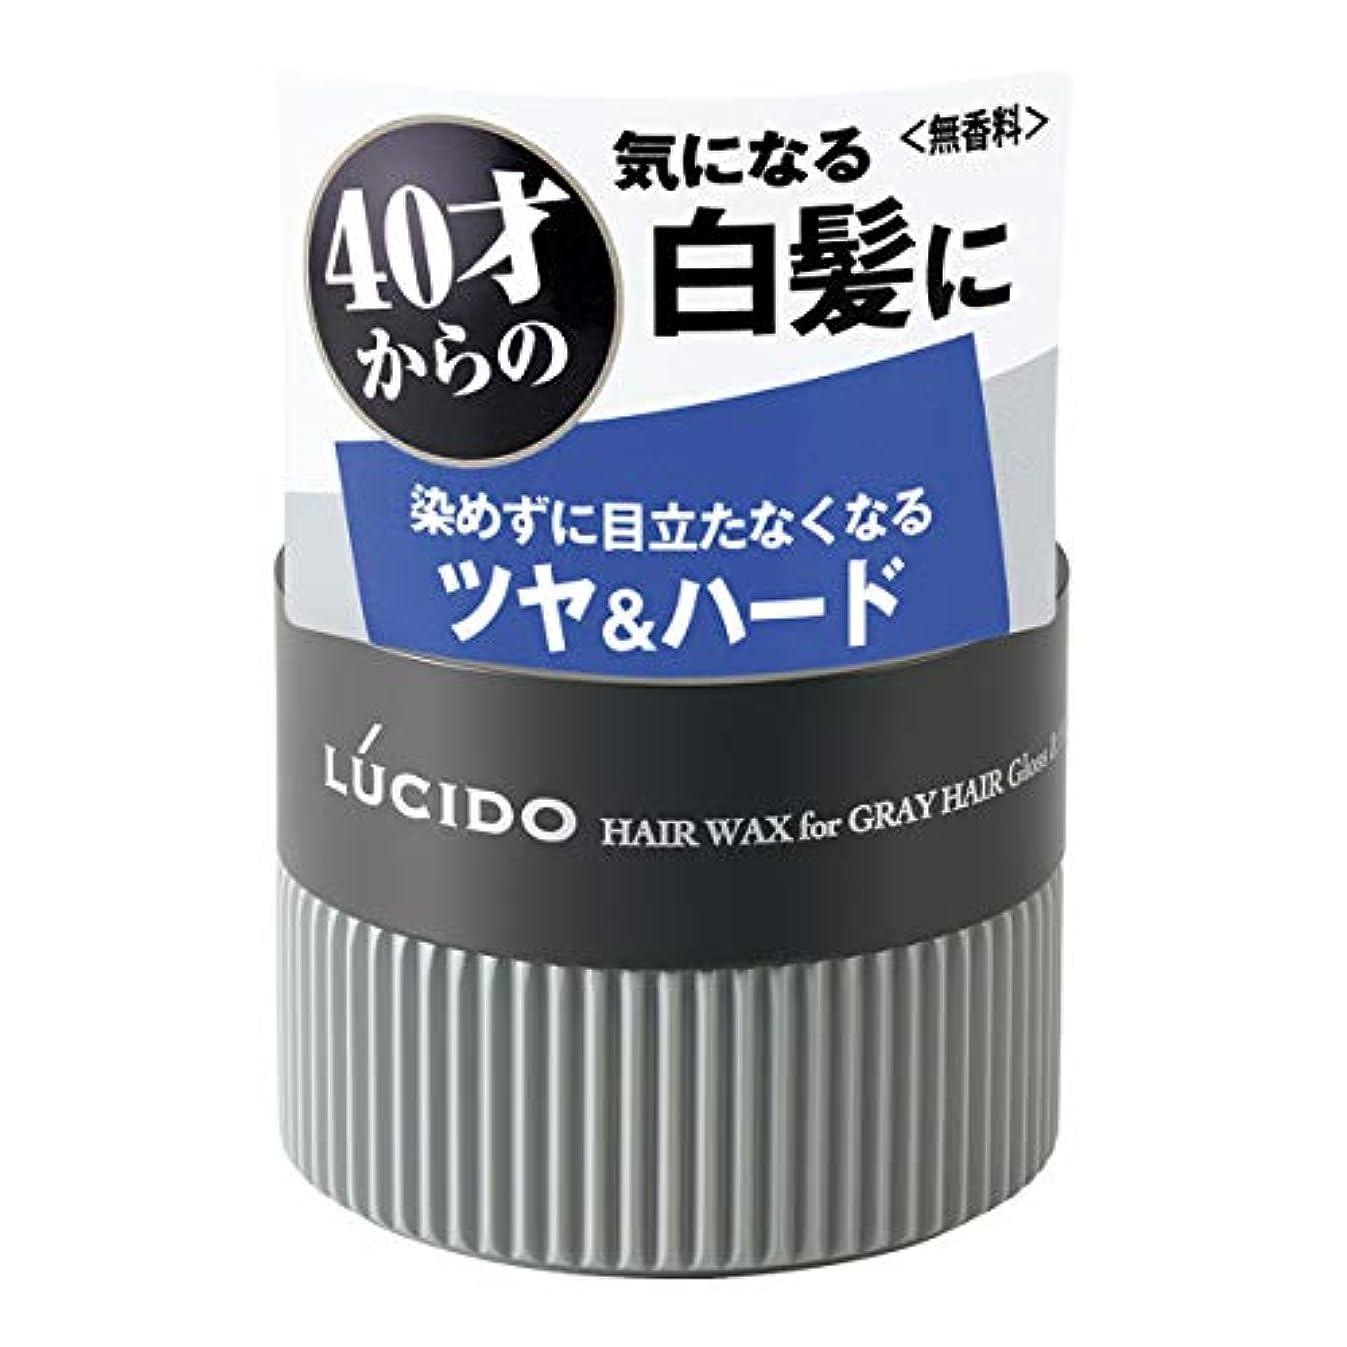 スナッチ任命する例LUCIDO(ルシード) ヘアワックス 白髪用ワックス グロス&ハード 80g